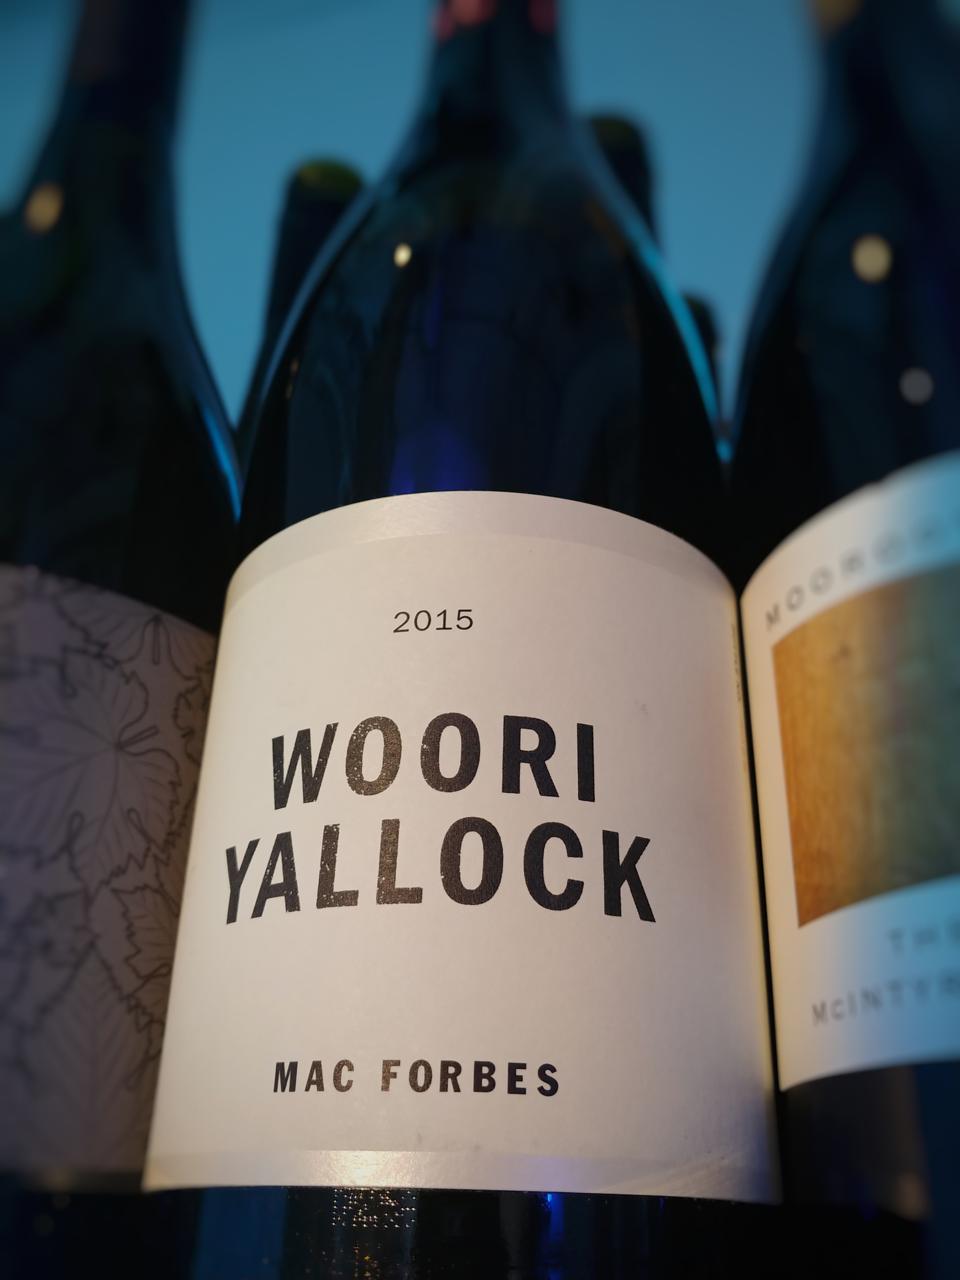 2015 Mac Forbes 'Woori Yallock' Пино Нуар, Долина Ярра